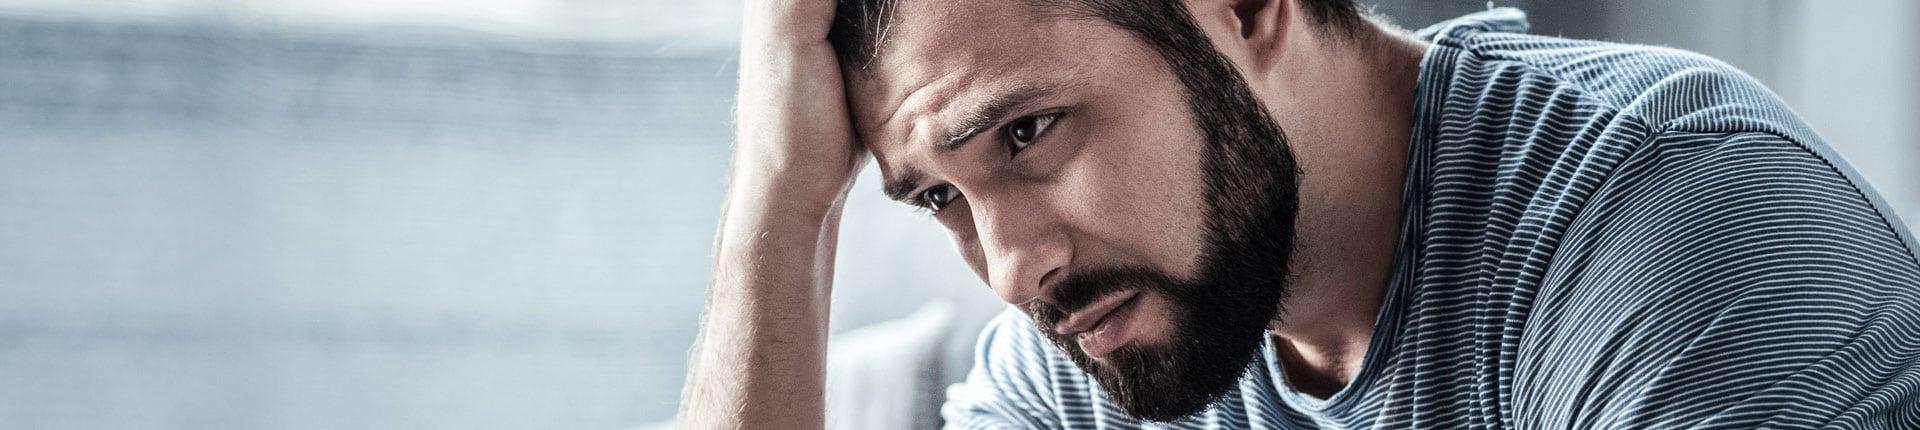 Suplementy wspomagające walkę z depresją